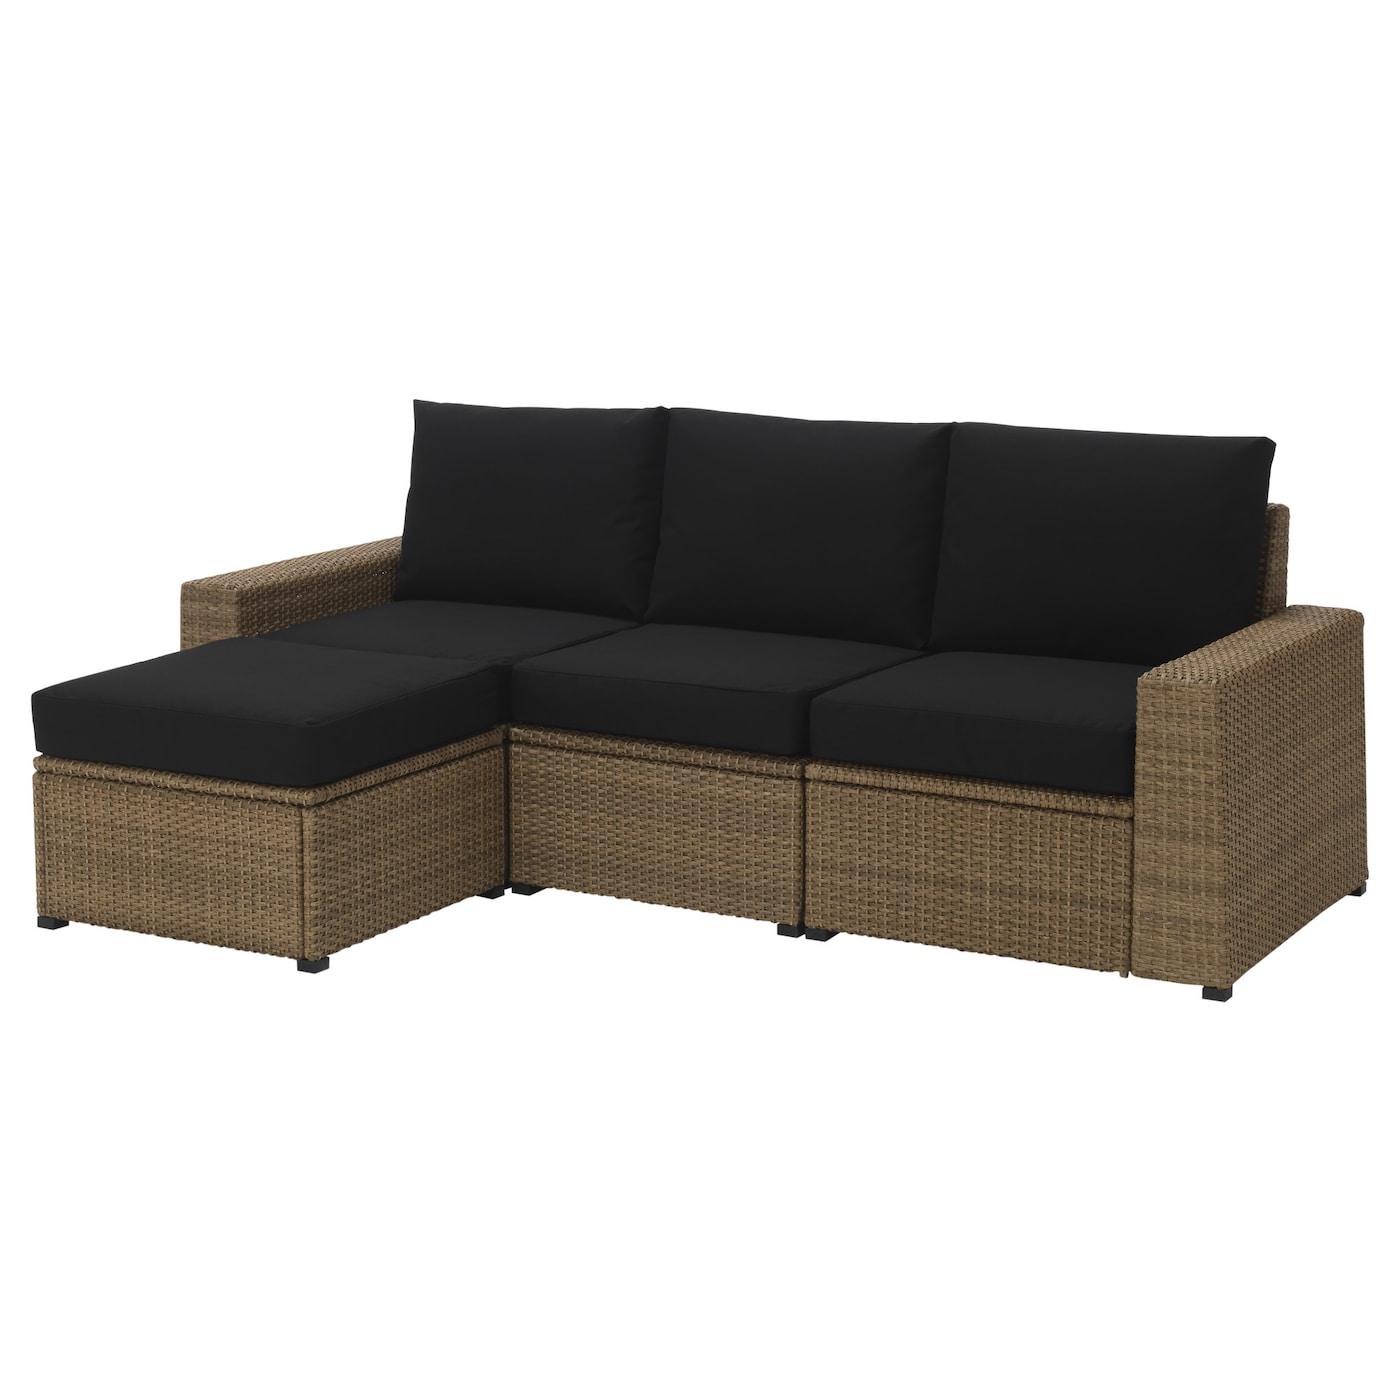 Outdoor garden sofas ikea - Sofa exterior ikea ...